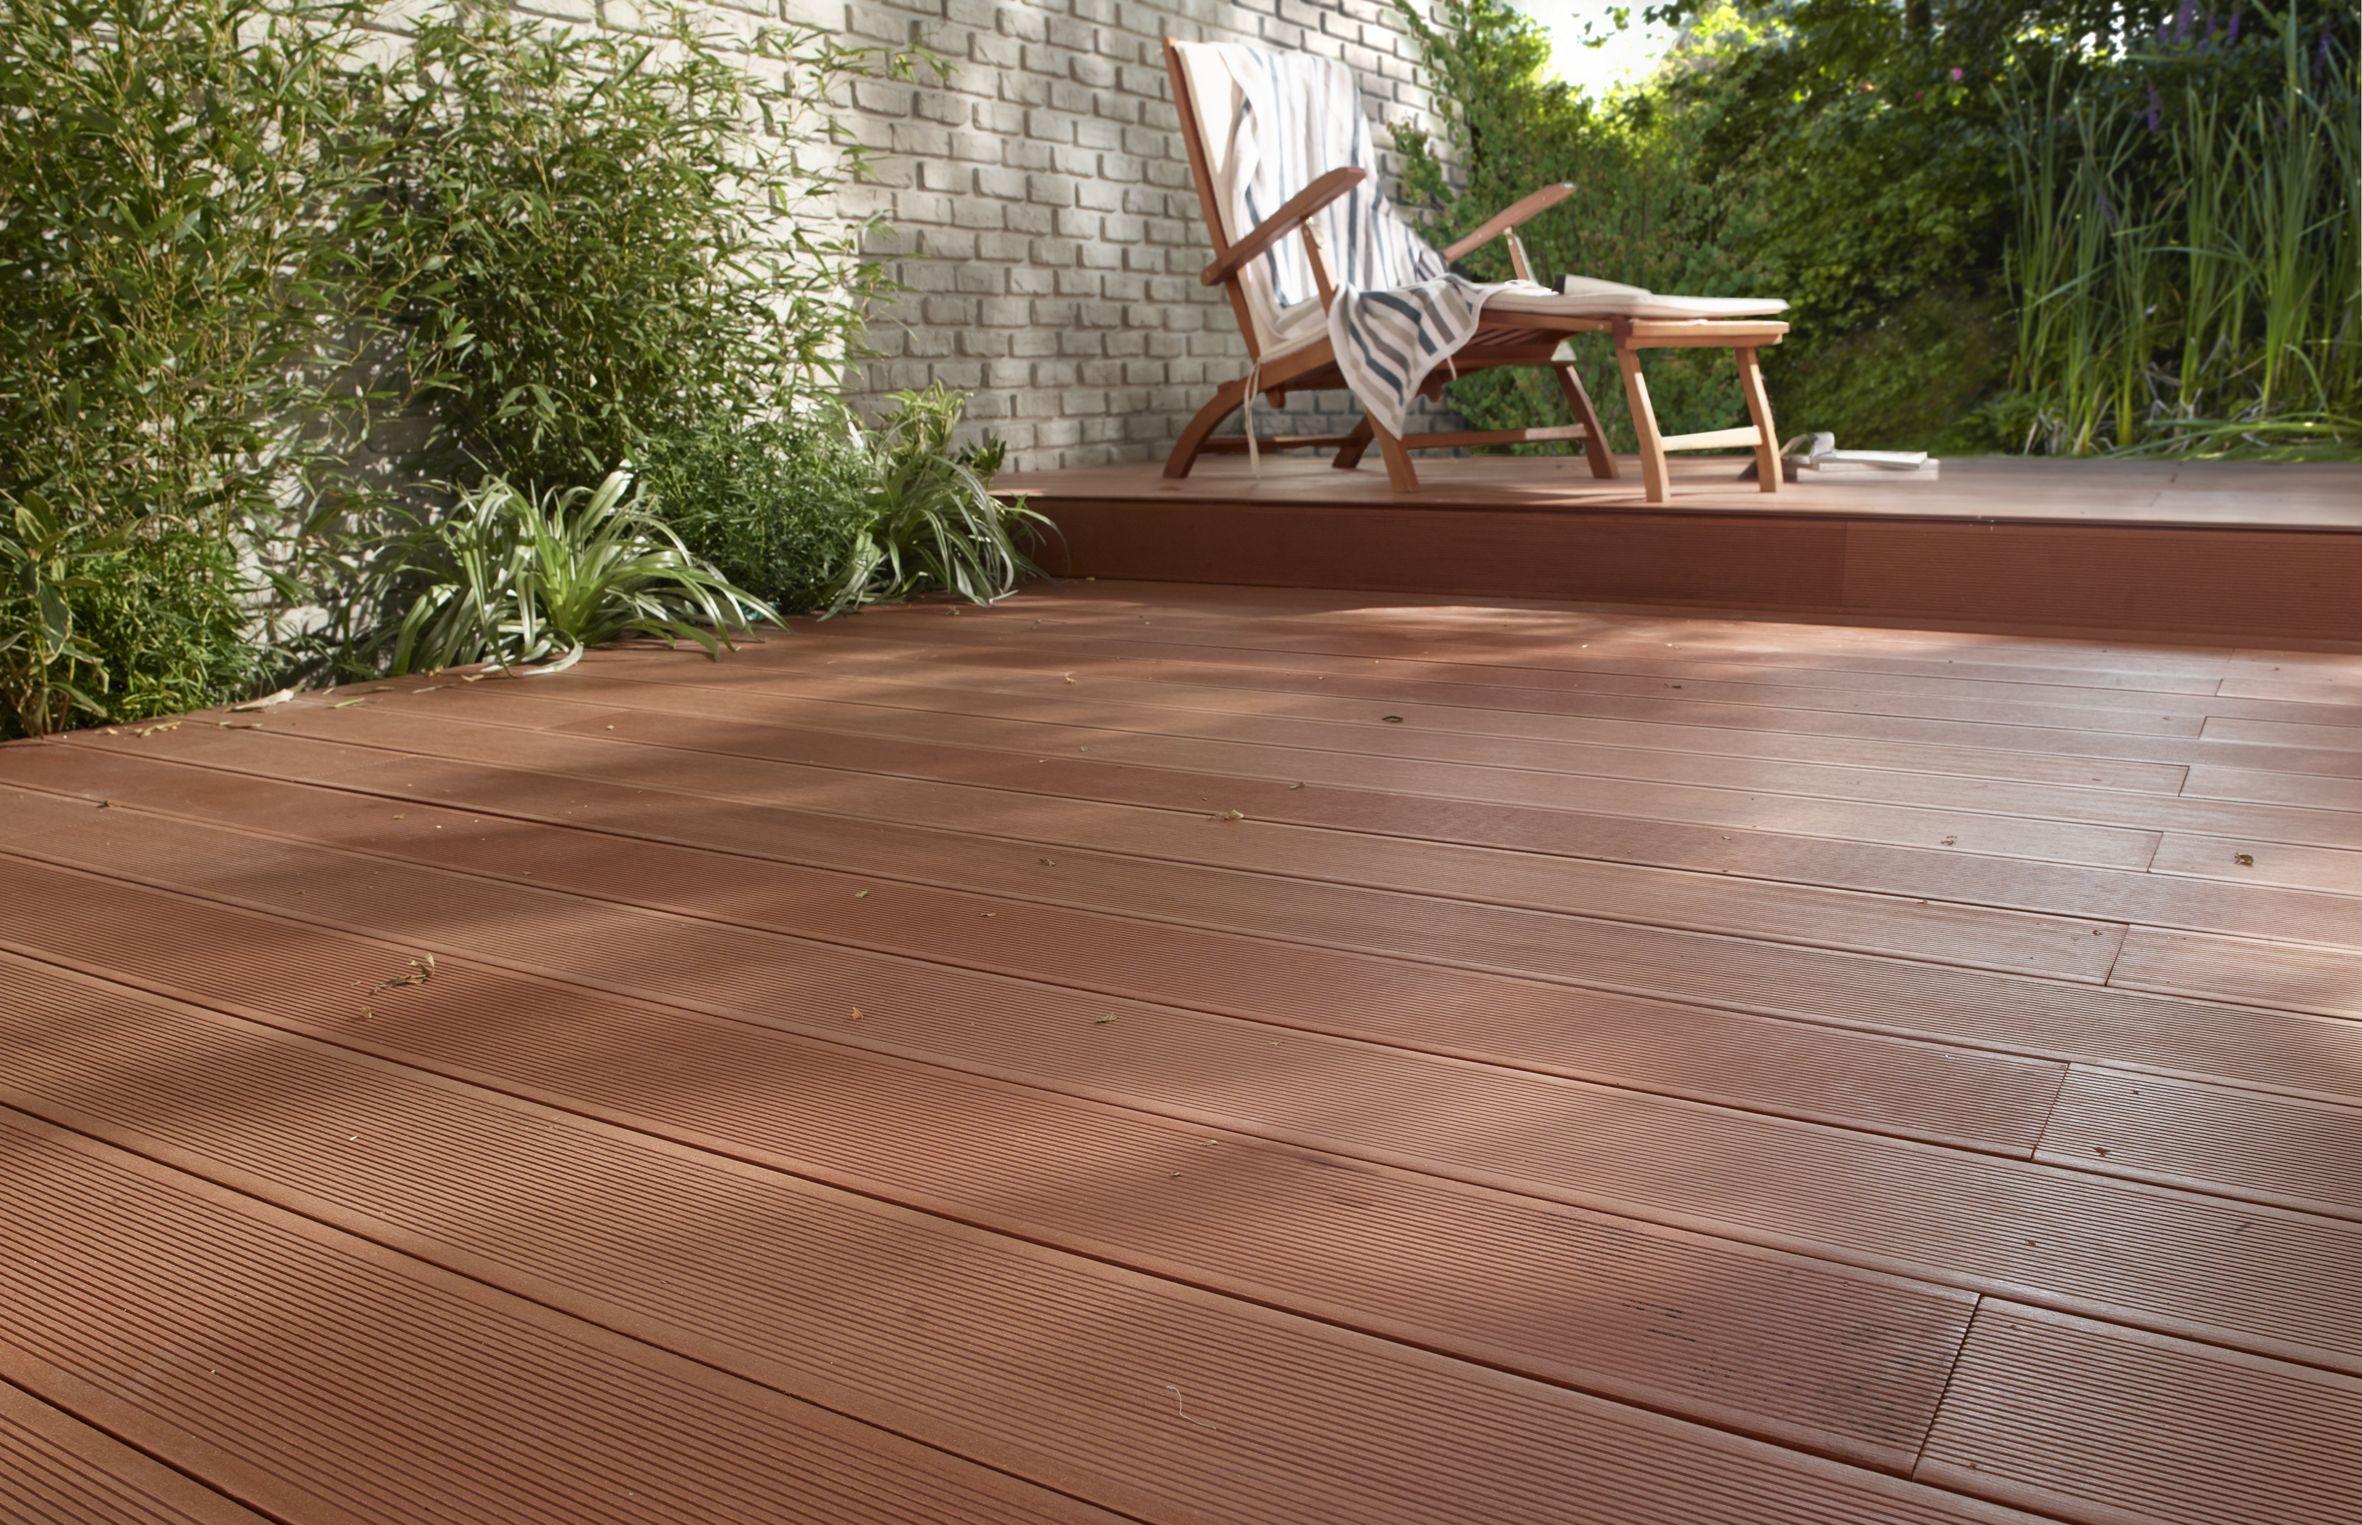 Pour Habiller Vos Exterieurs Avec Une Touche Evidente De Deco Tout En Beneficiant Des Avantages Du Composite La Lame Lame Terrasse Terrasse Composite Terrasse